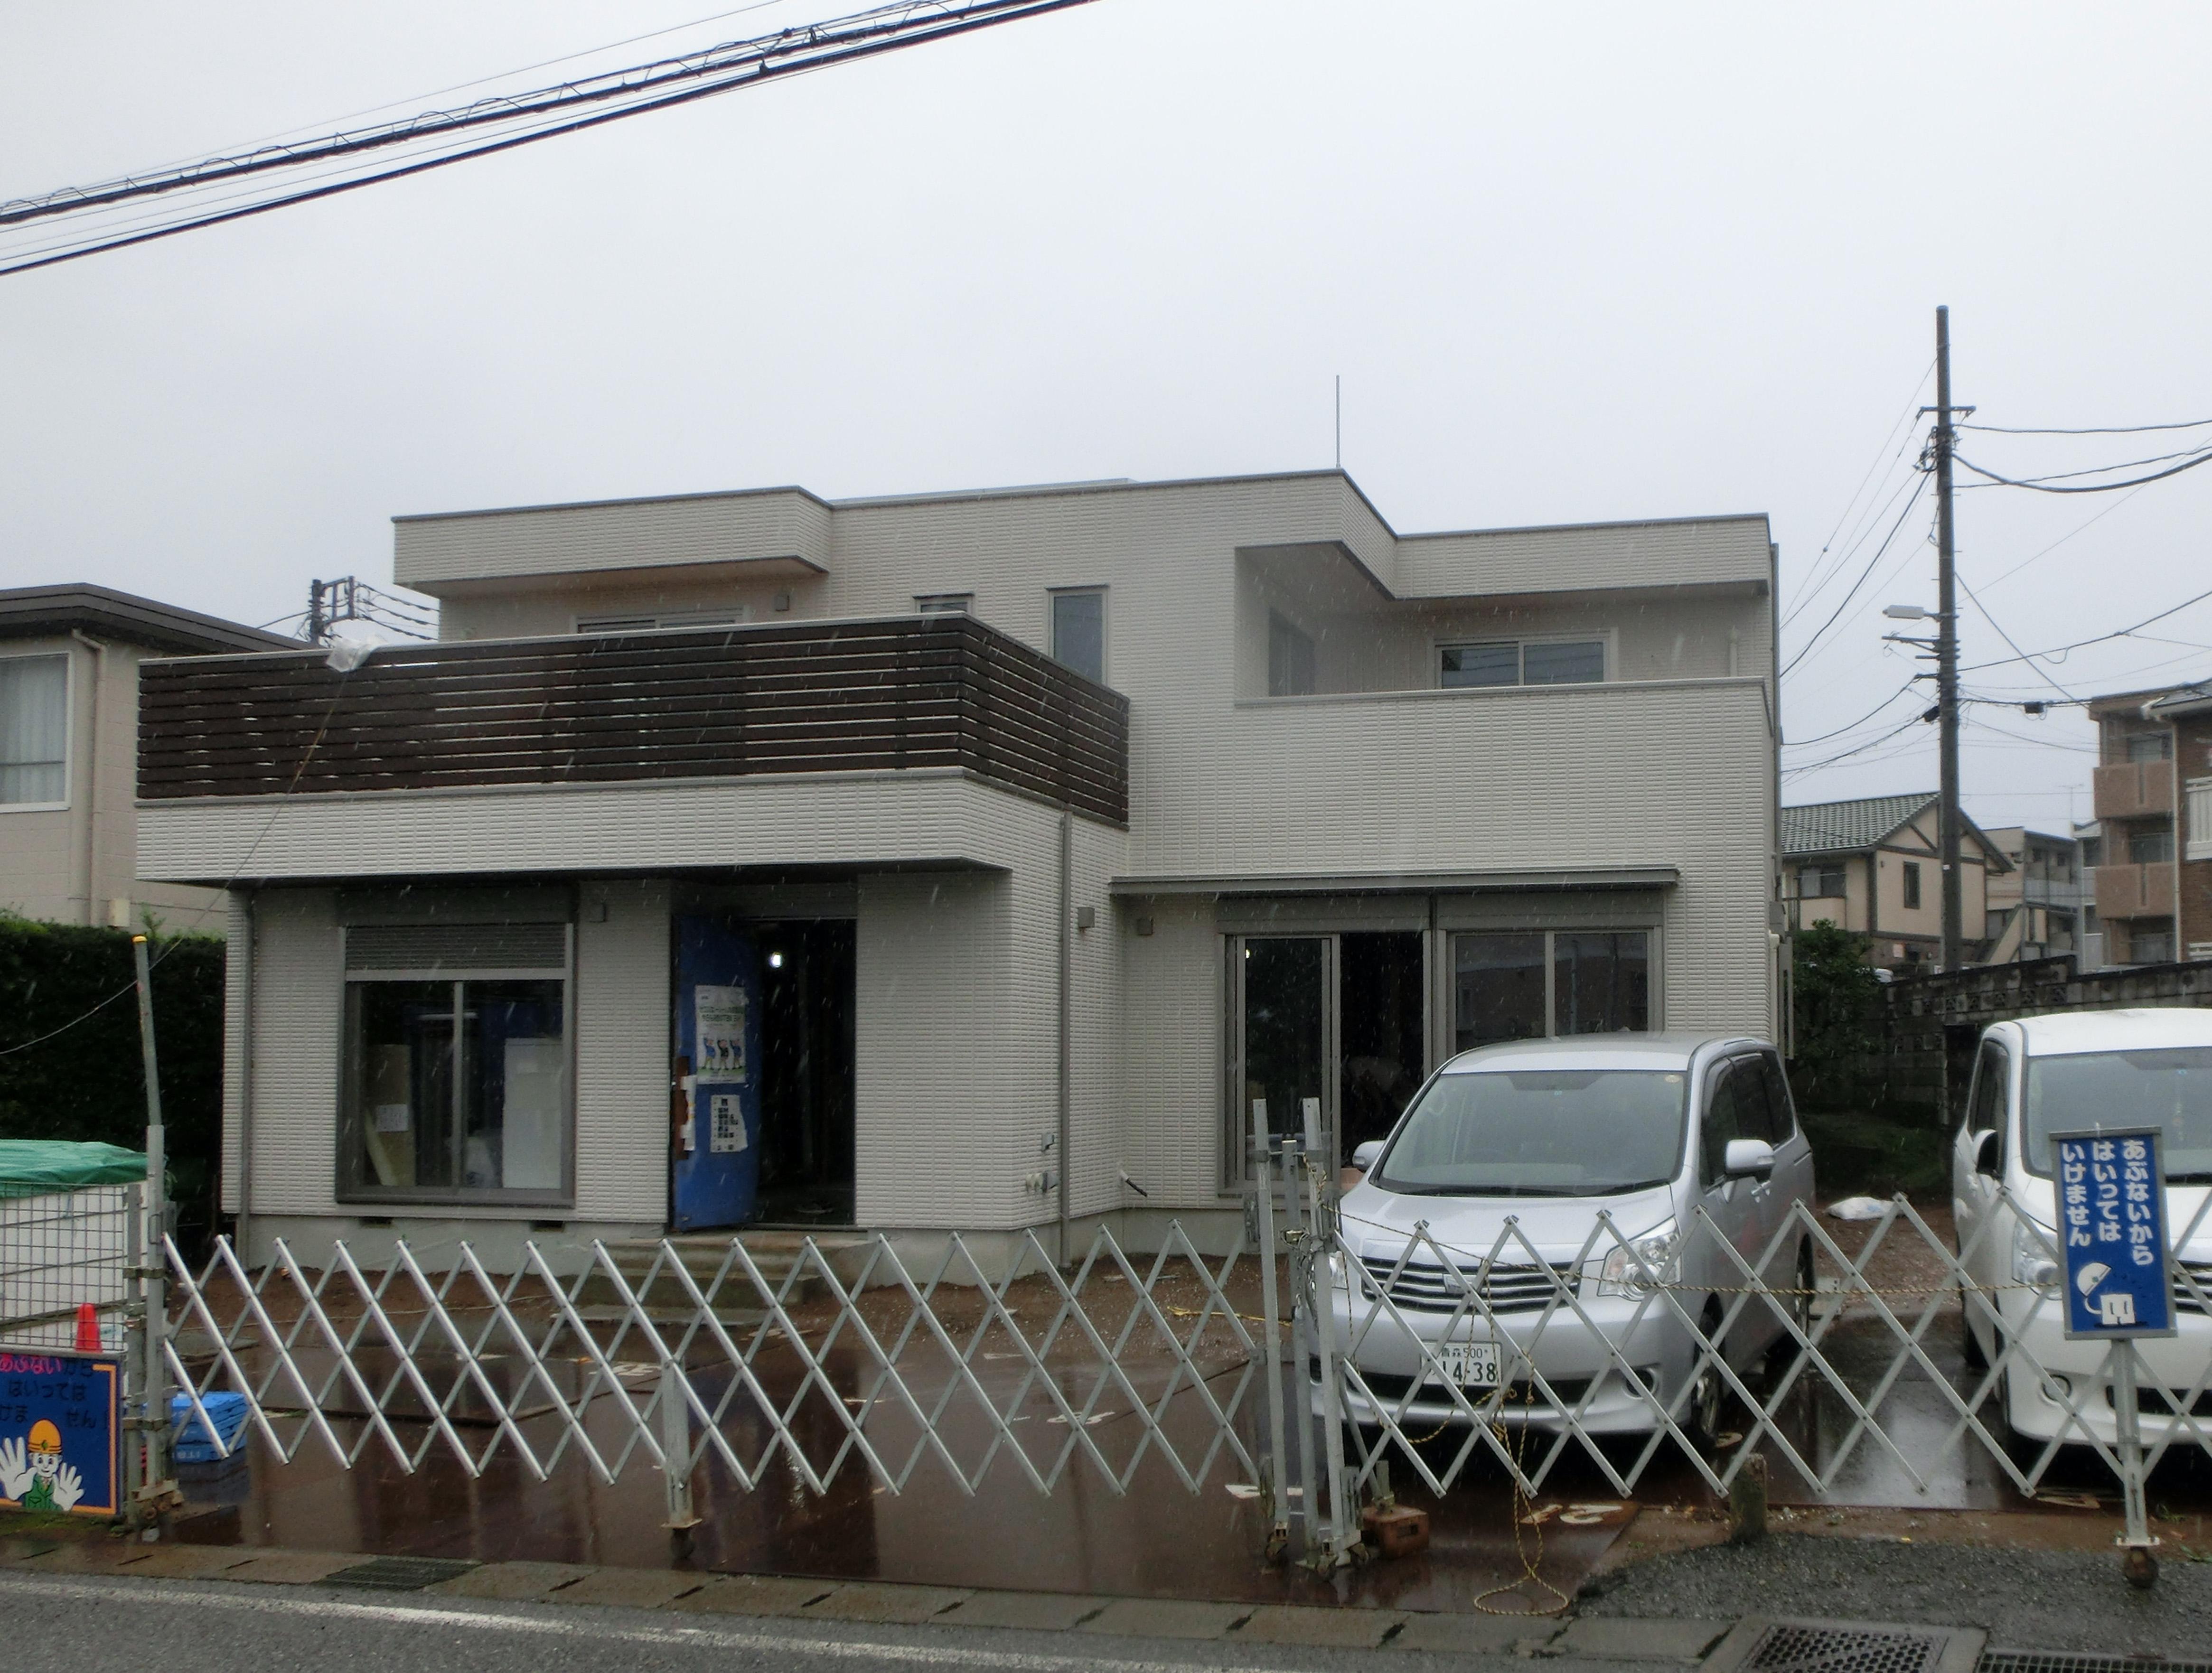 水平線を基調に石畳のアプローチとガラスブロックの素敵なハーモニー。千葉市。8